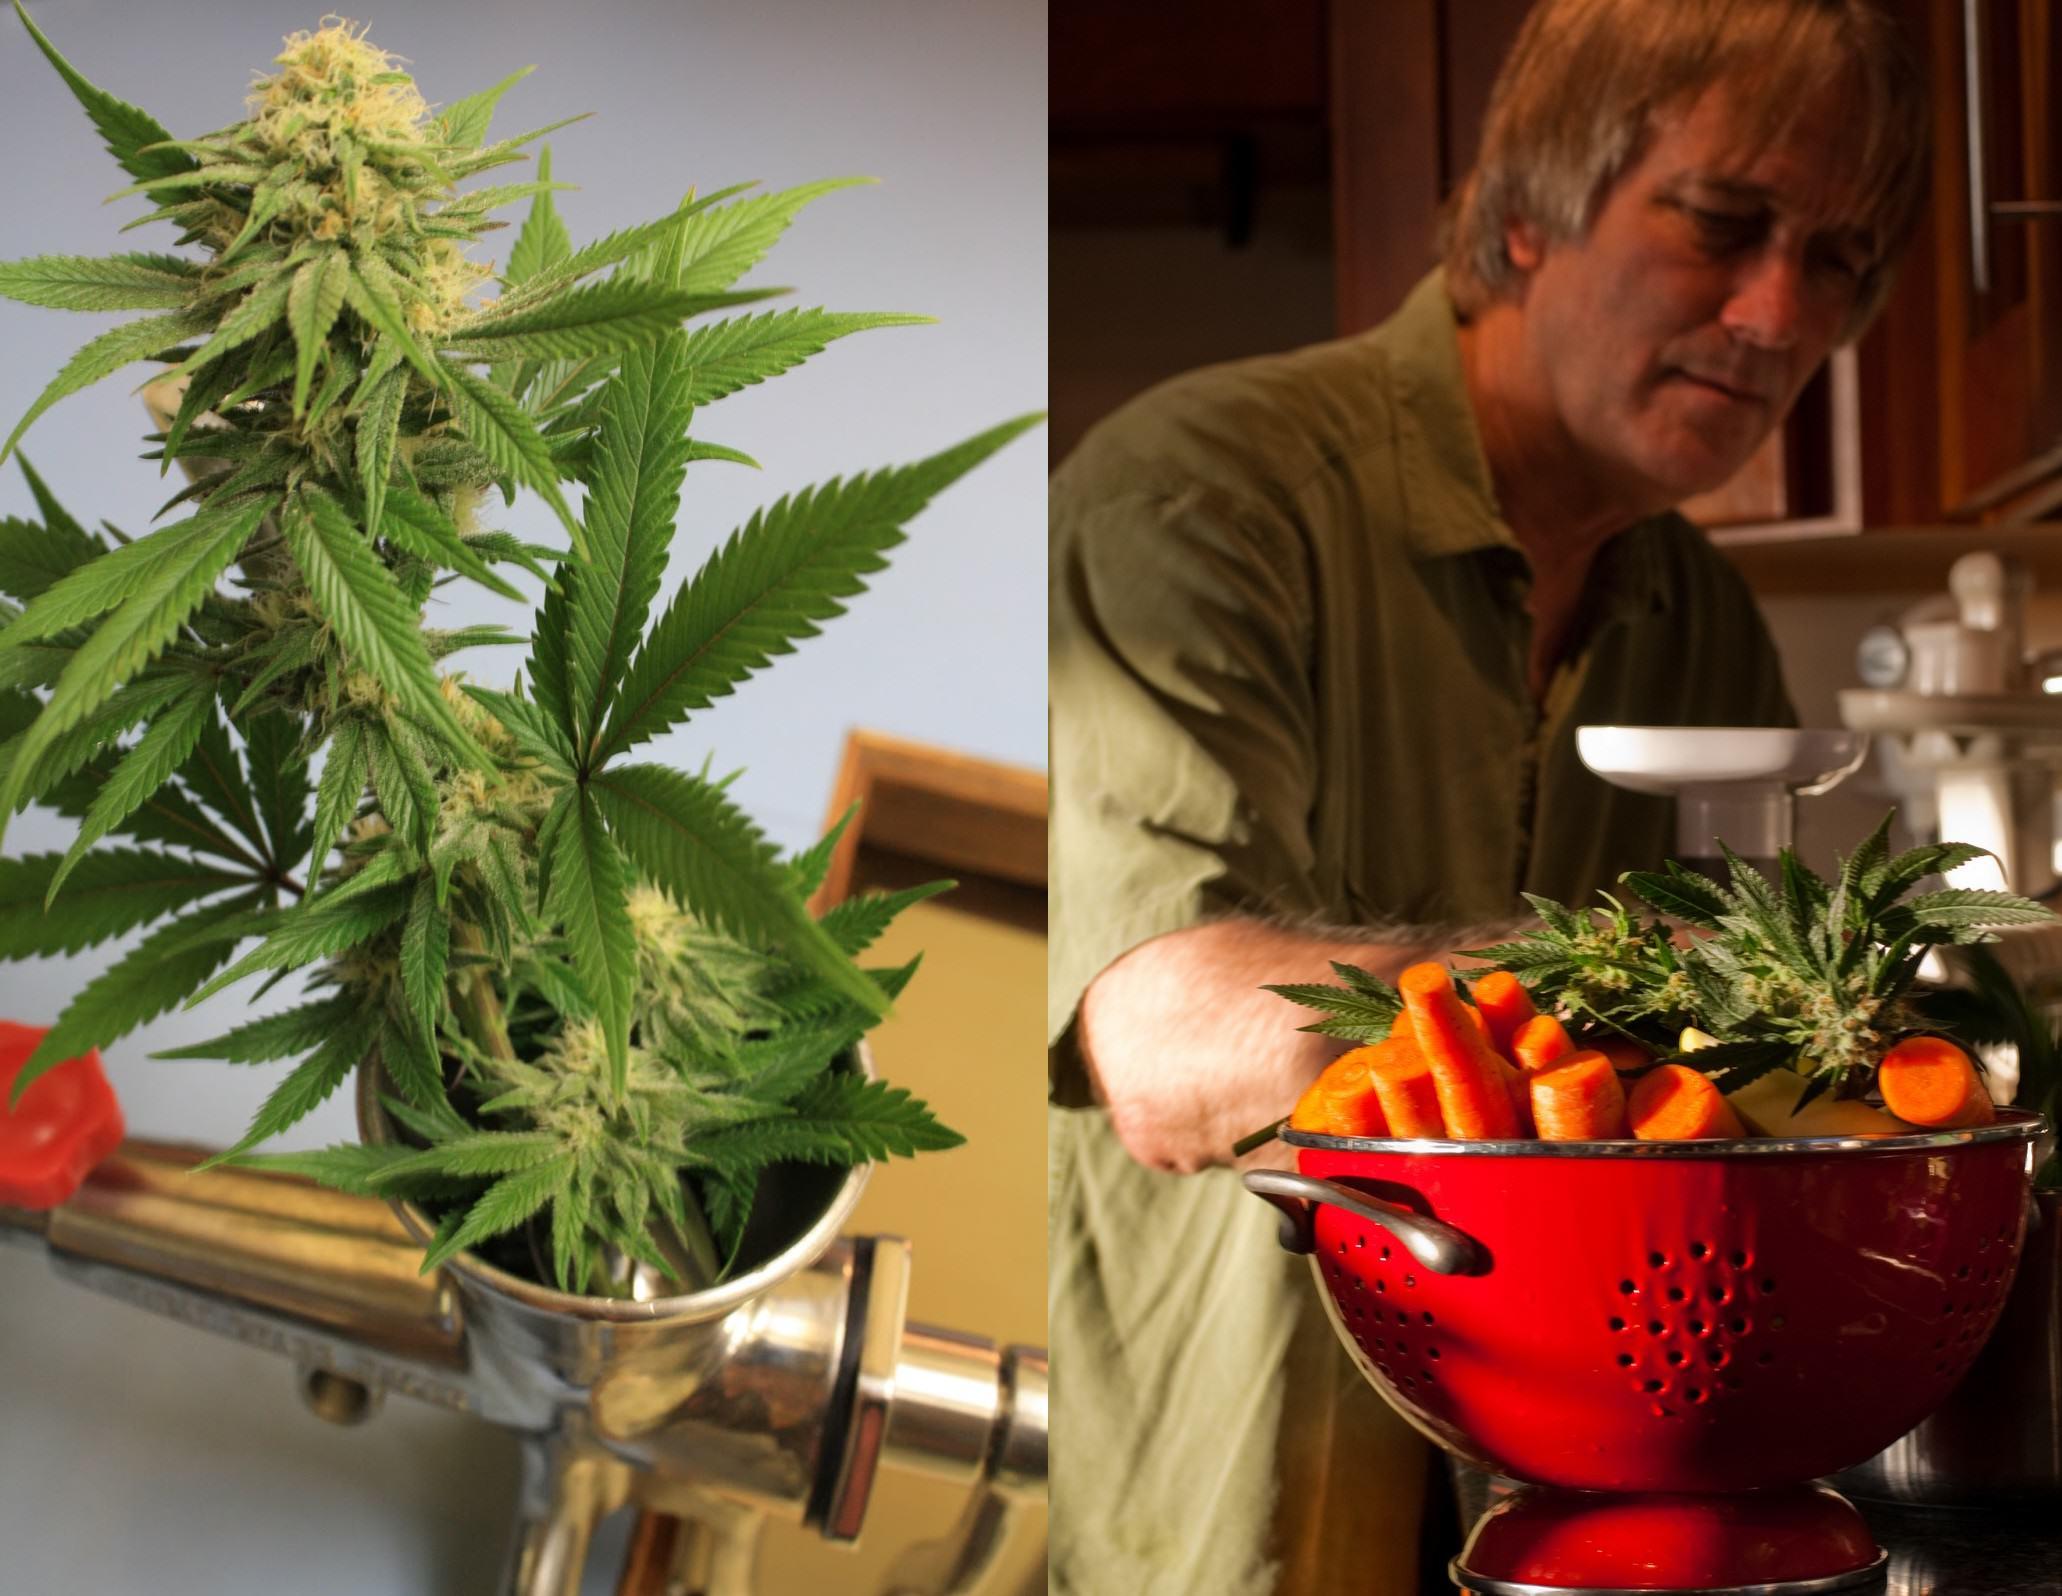 le docteur william courtney et le jus de cannabis frais blog du growshop alchimia. Black Bedroom Furniture Sets. Home Design Ideas